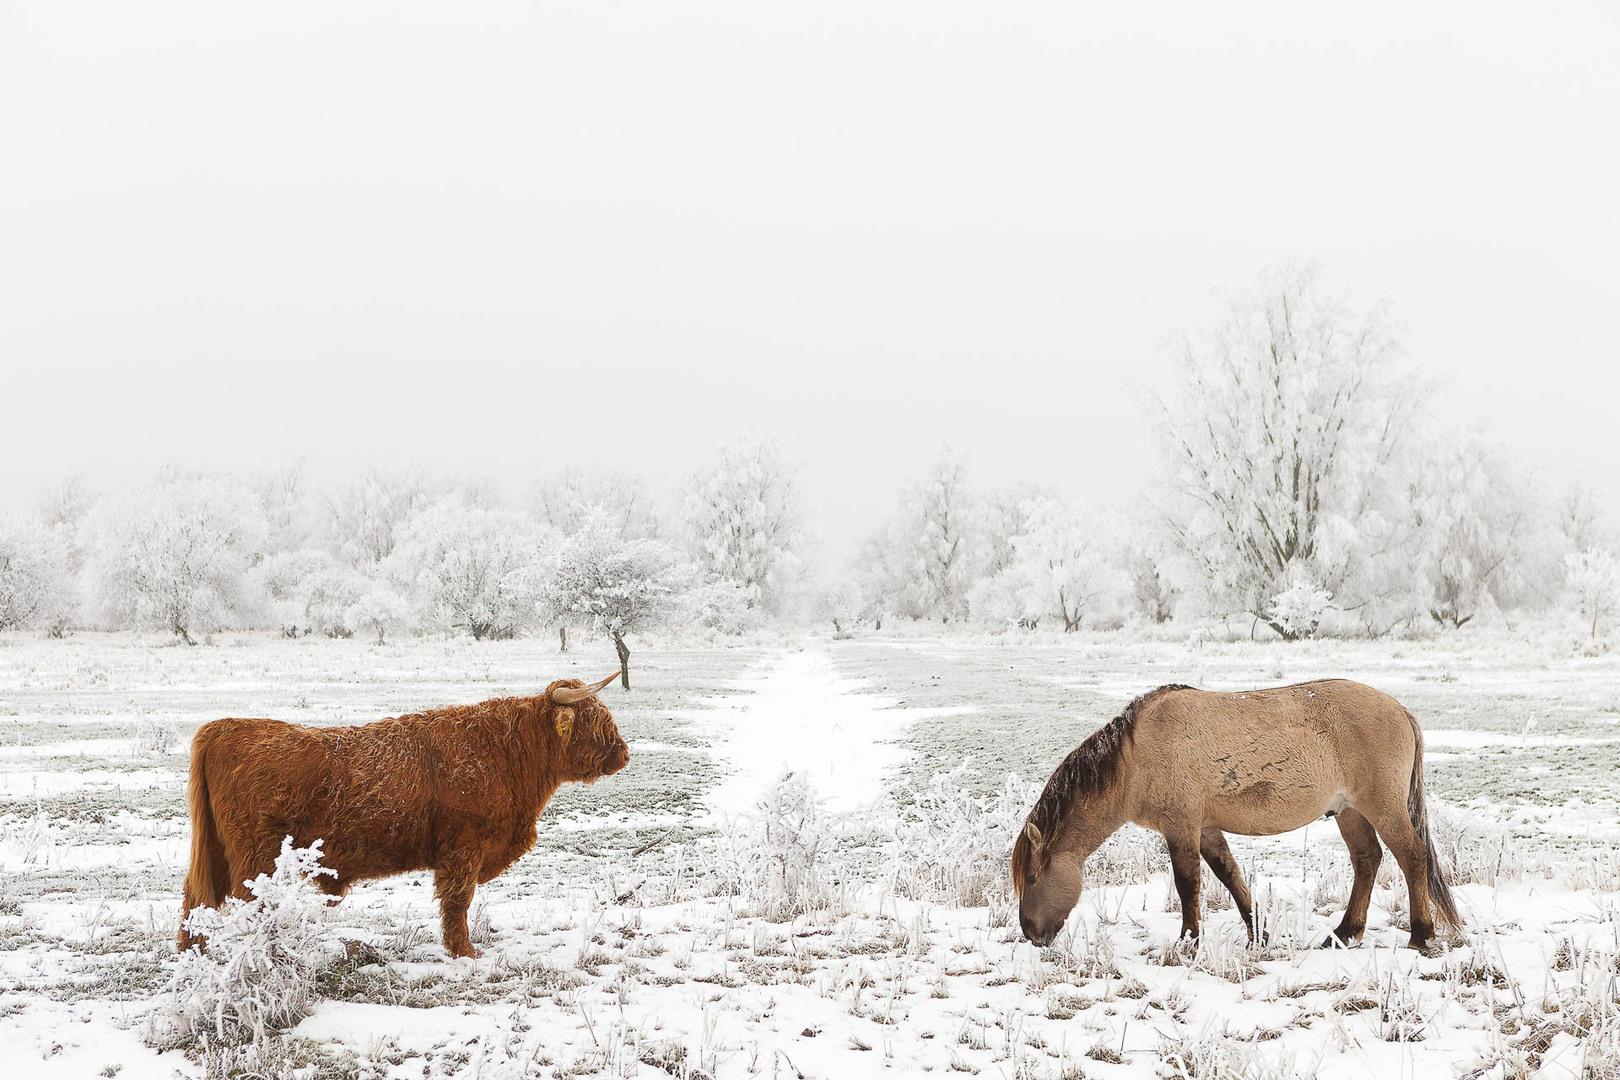 Een konikpaard en een schotse hooglander in een winters landschap